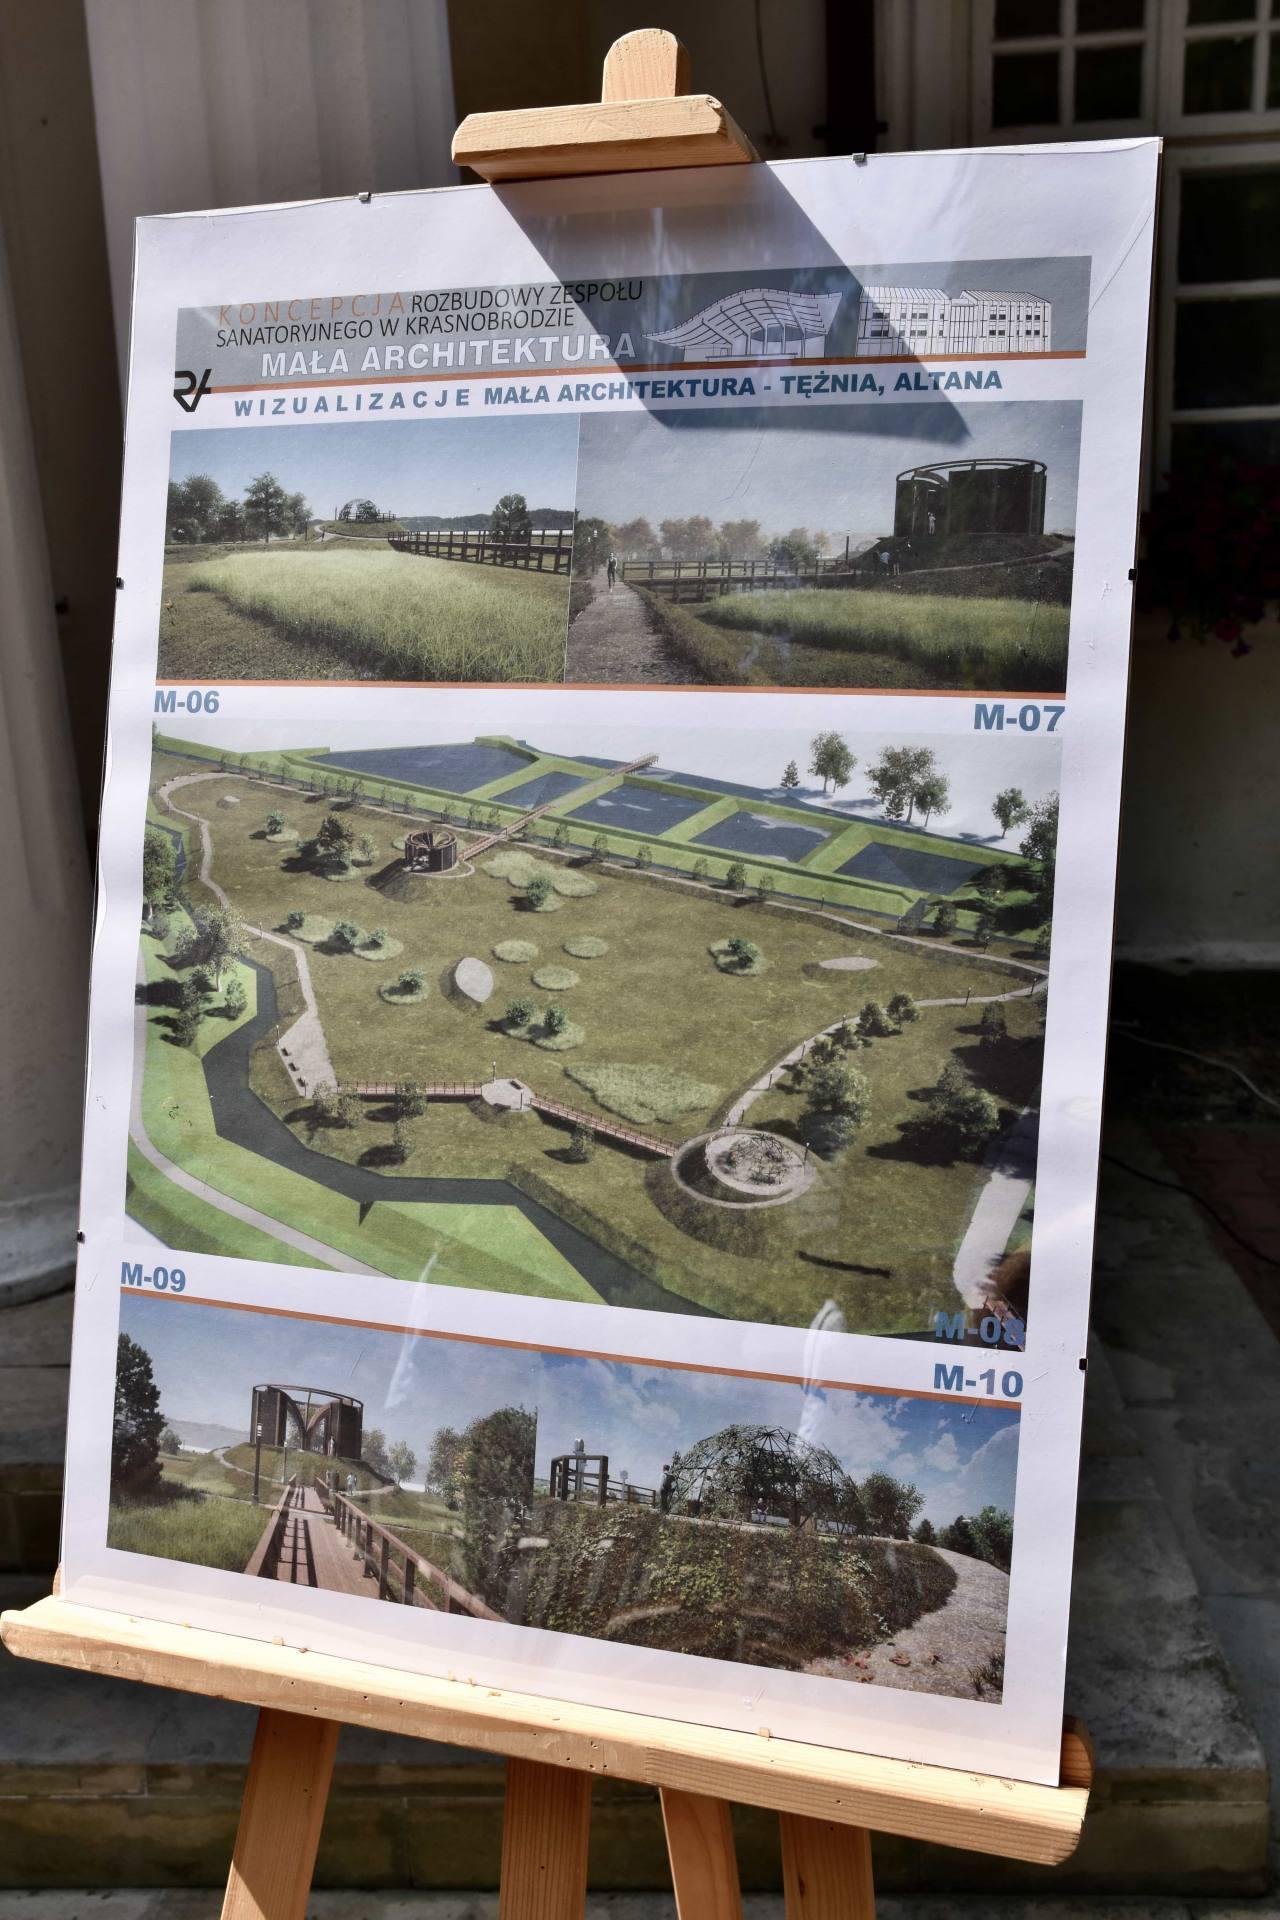 dsc 7389 Za 80 mln zł rozbudowane zostanie sanatorium w Krasnobrodzie.